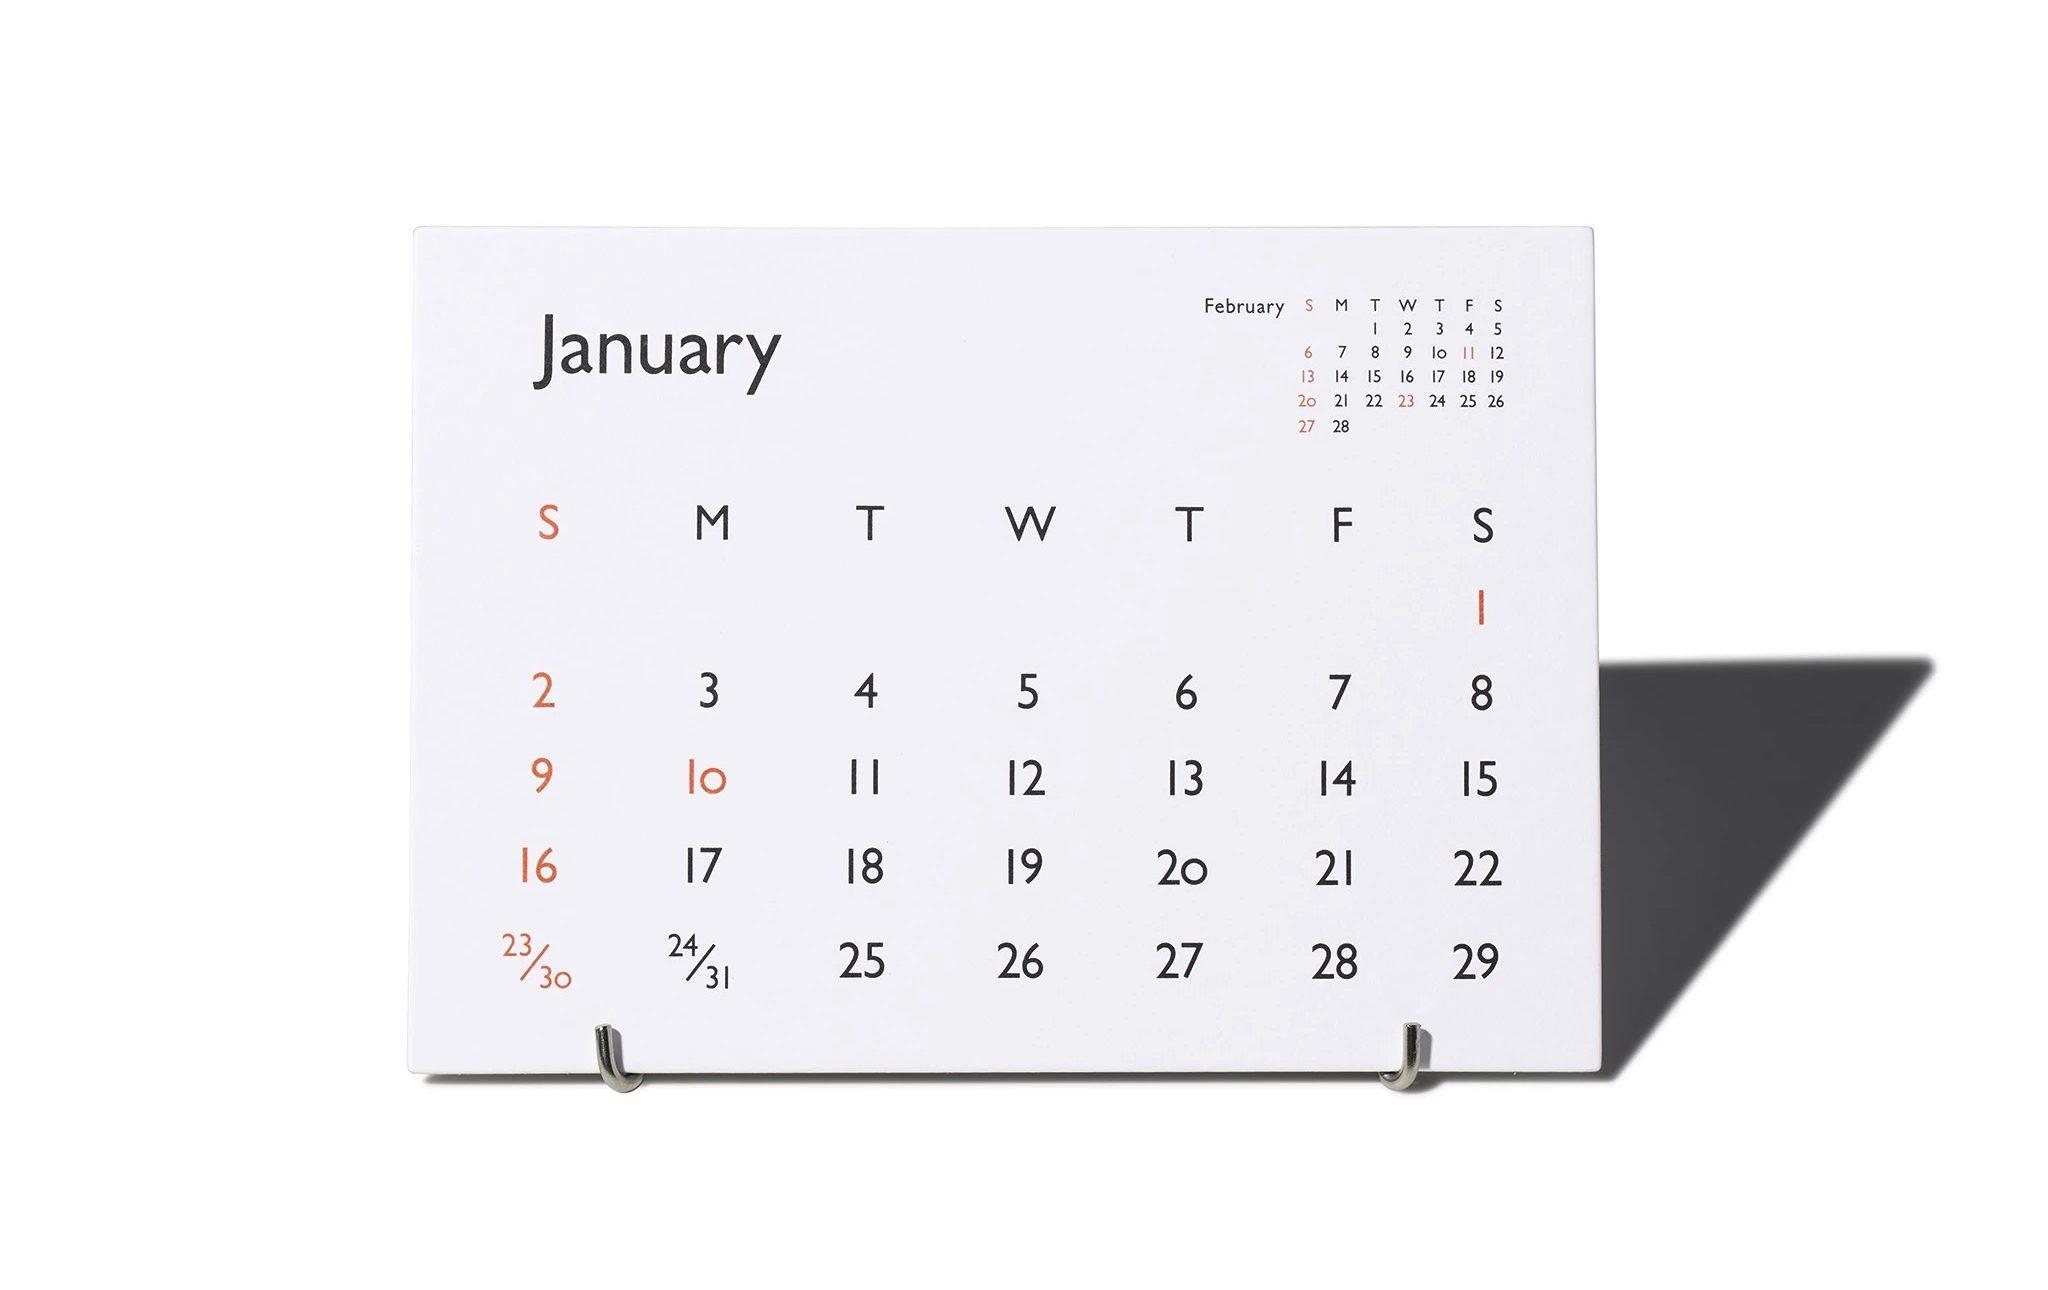 デスクやキッチンに置くのにおすめの、書体そのものの美しさを活かした卓上カレンダー2022年版